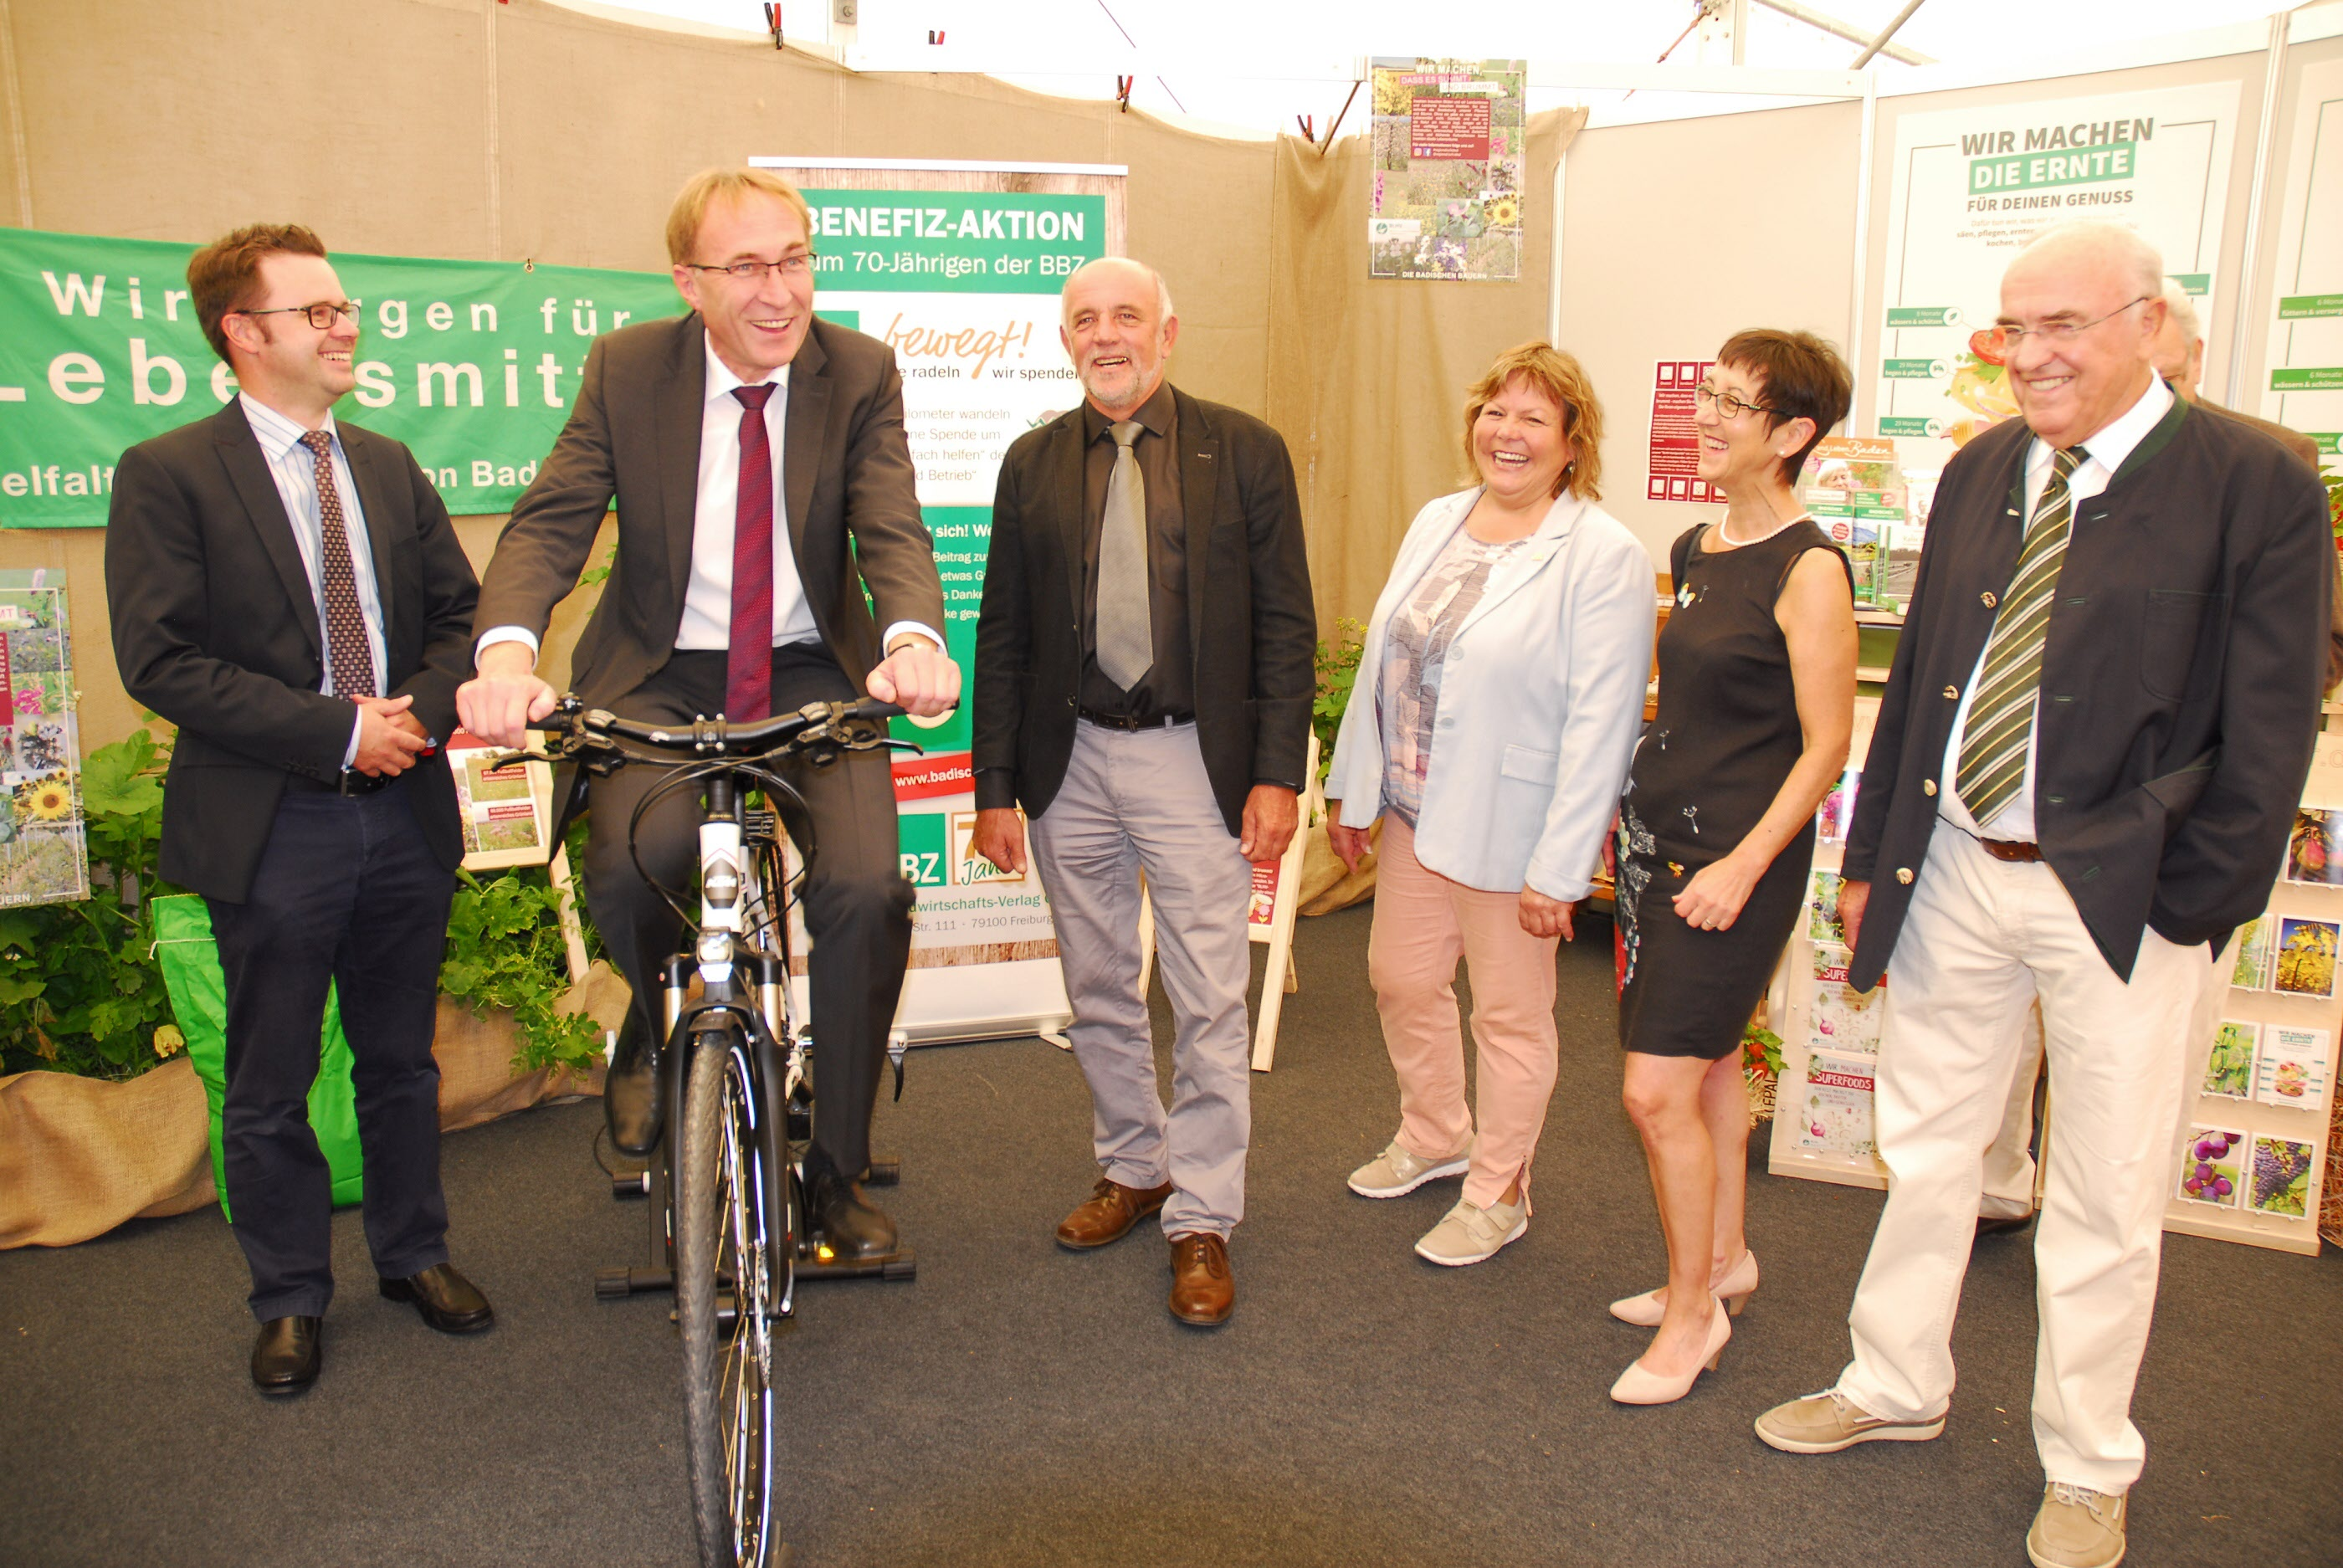 Aus den Reihen der Ehrengäste schwang sich Freiburgs Baubürgermeister Martin Haag aufs Rad